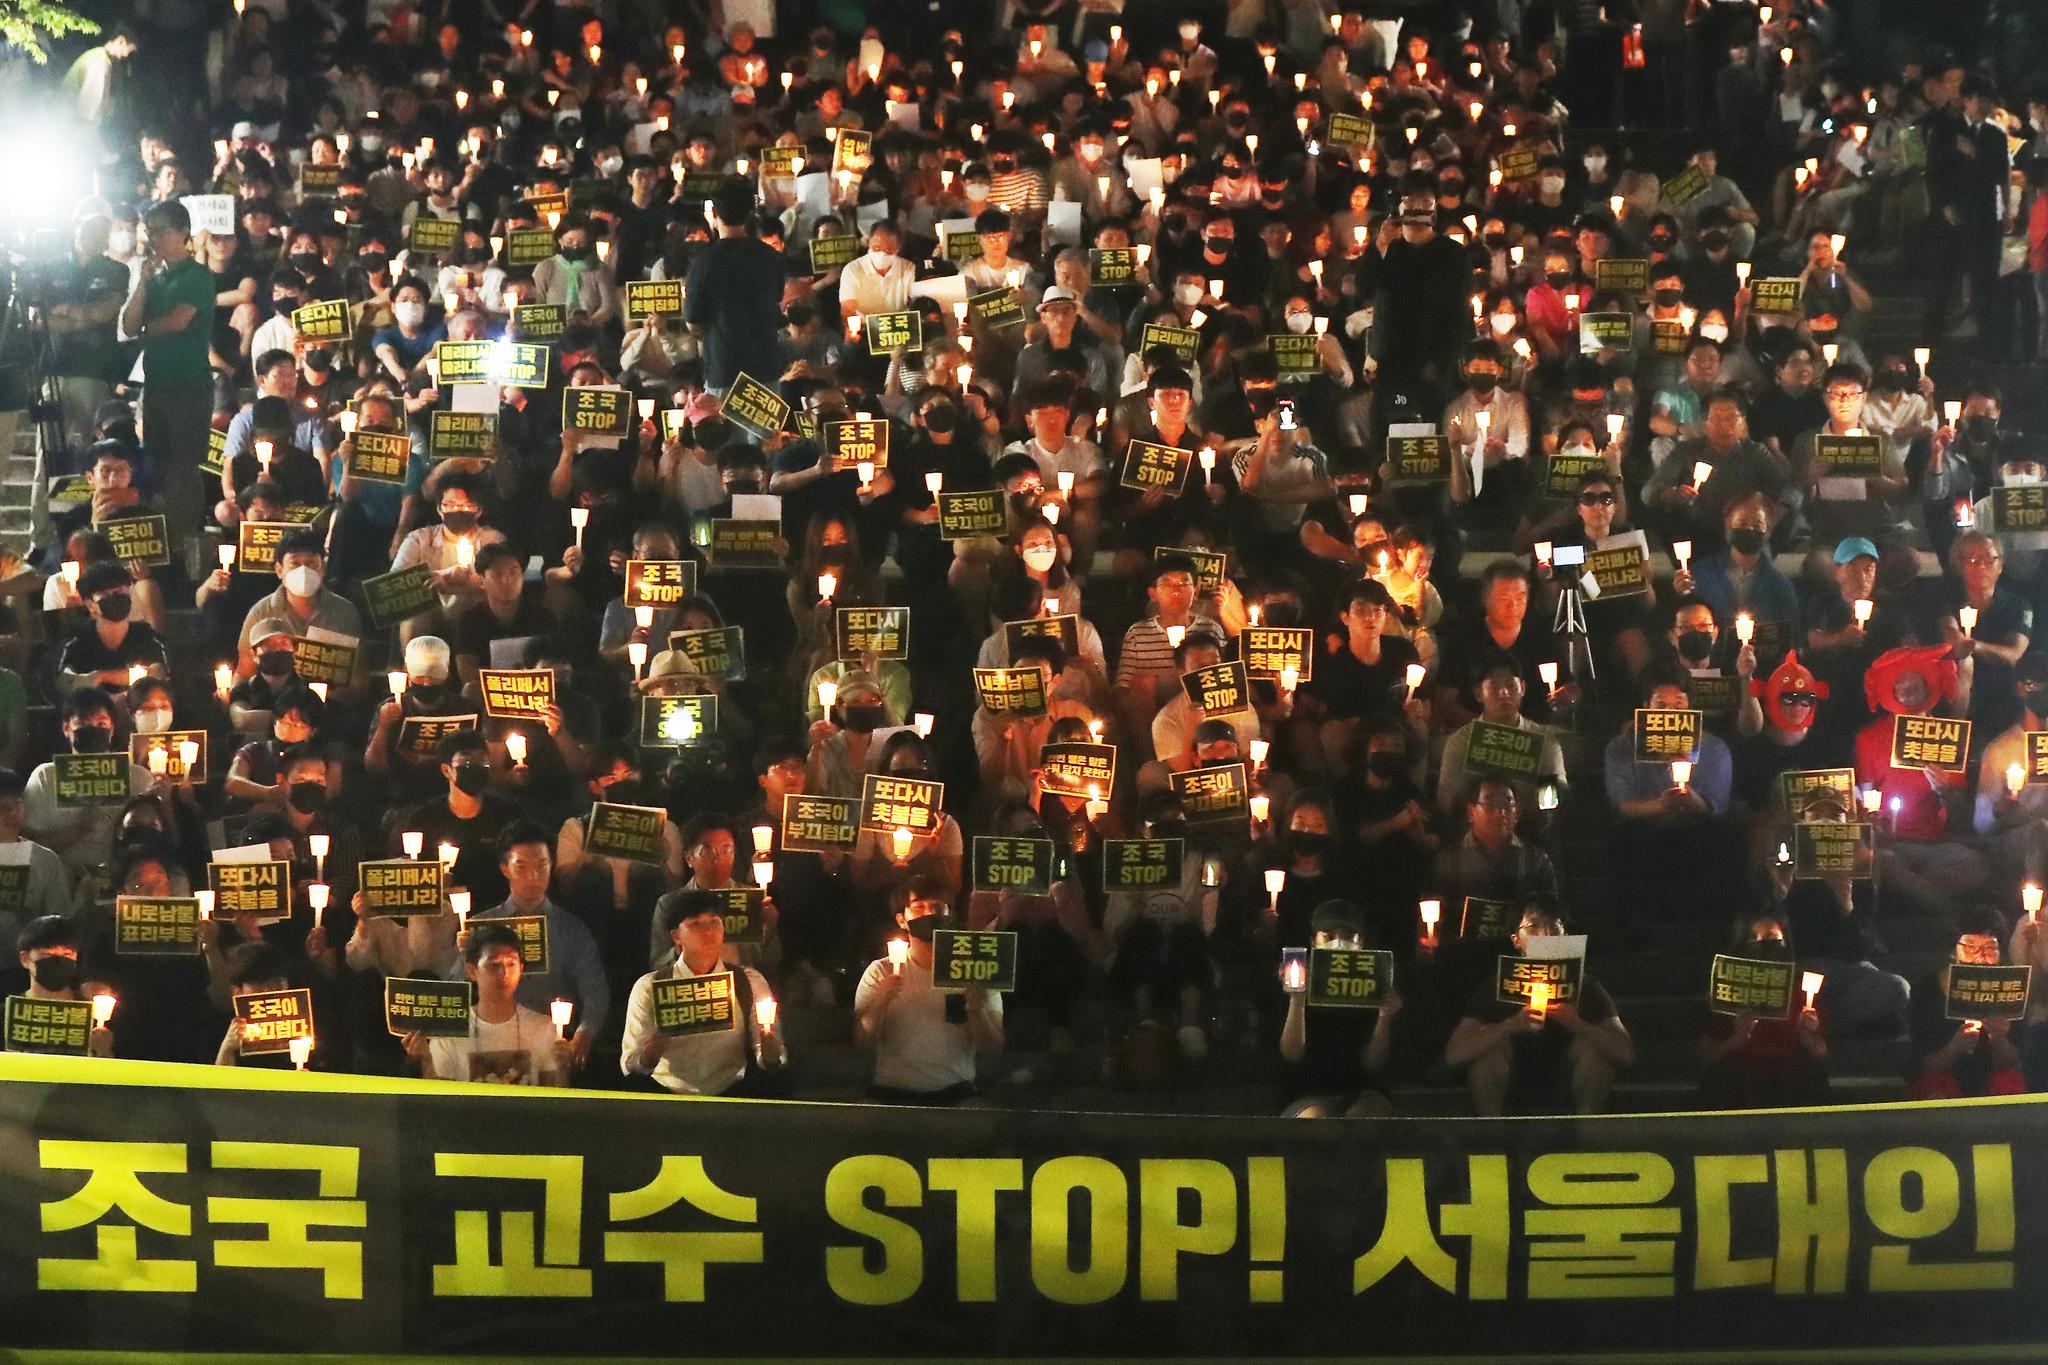 서울대학교 학생들과 시민들이 23일 오후 서울 서울대학교 아크로광장에서 여러 의혹이 연이어 불거지고 있는 조국 법무부 장관 후보자의 사퇴를 촉구하며 촛불집회를 하고 있다. [뉴스1]